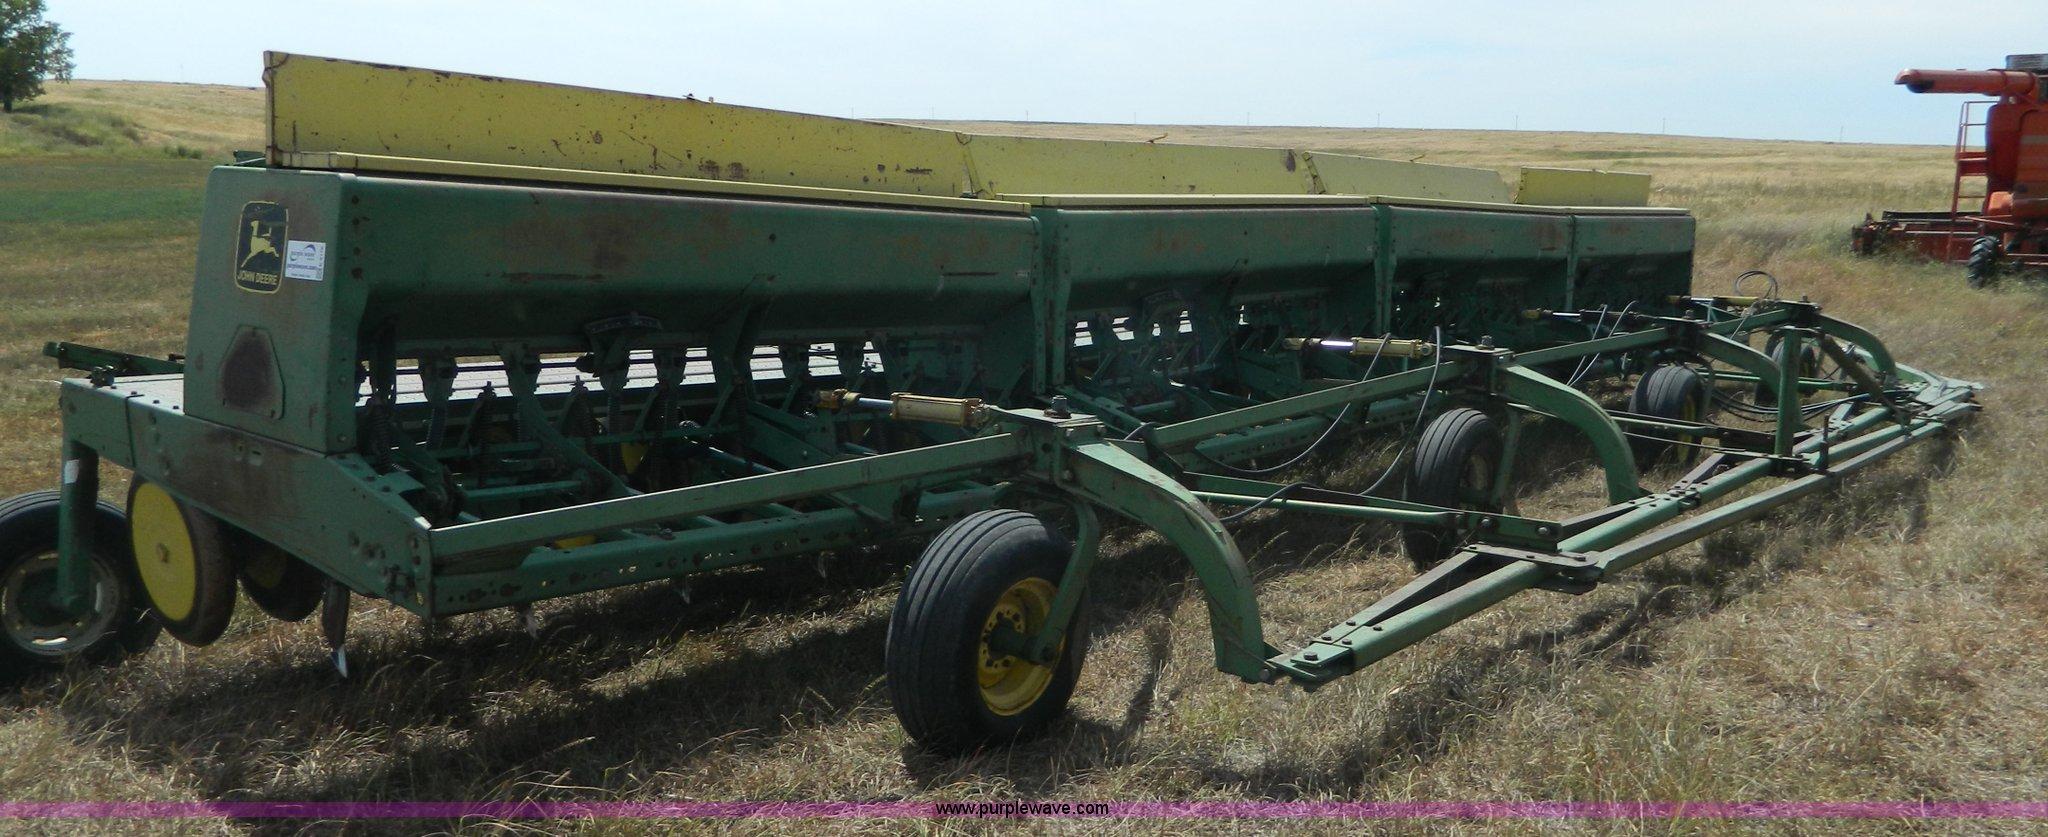 (4) John Deere 9300 hoe drills   Item K8176   SOLD ...